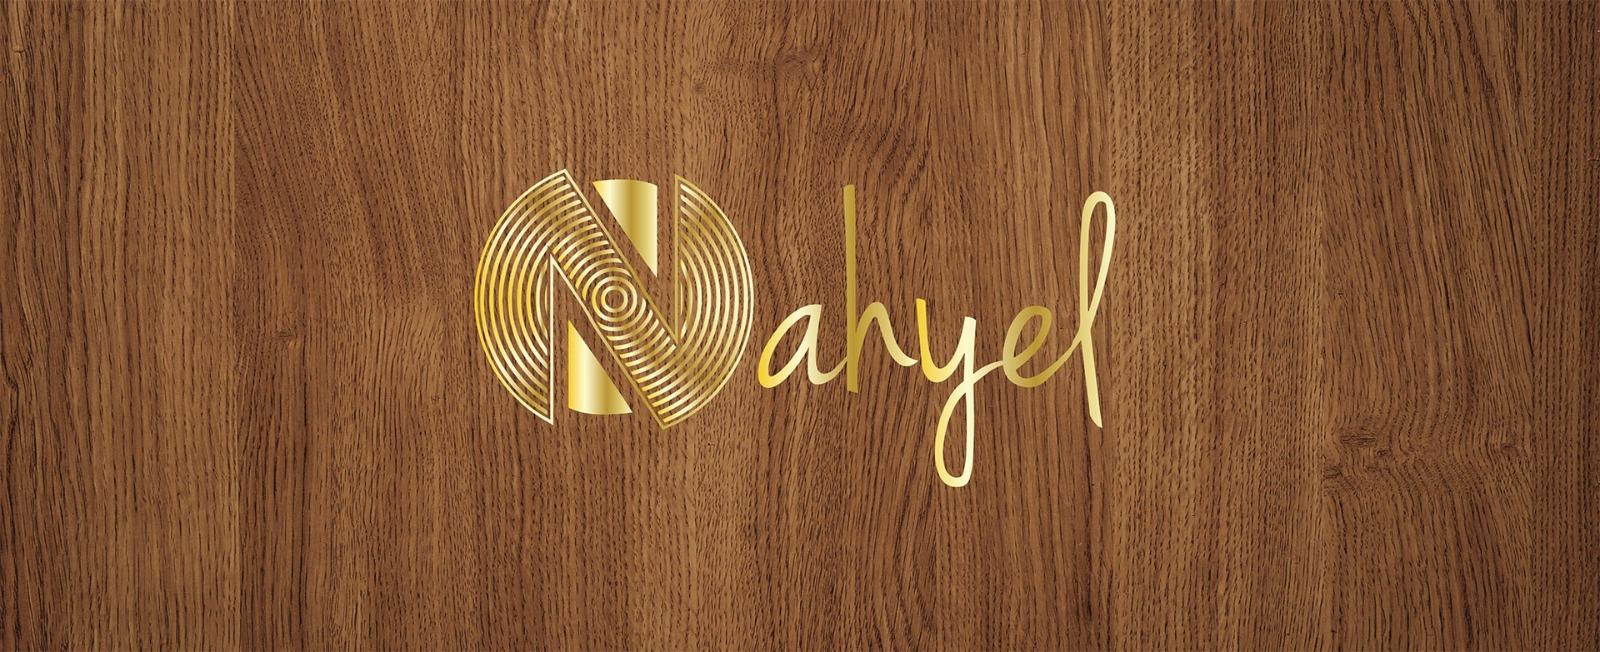 Nahyel